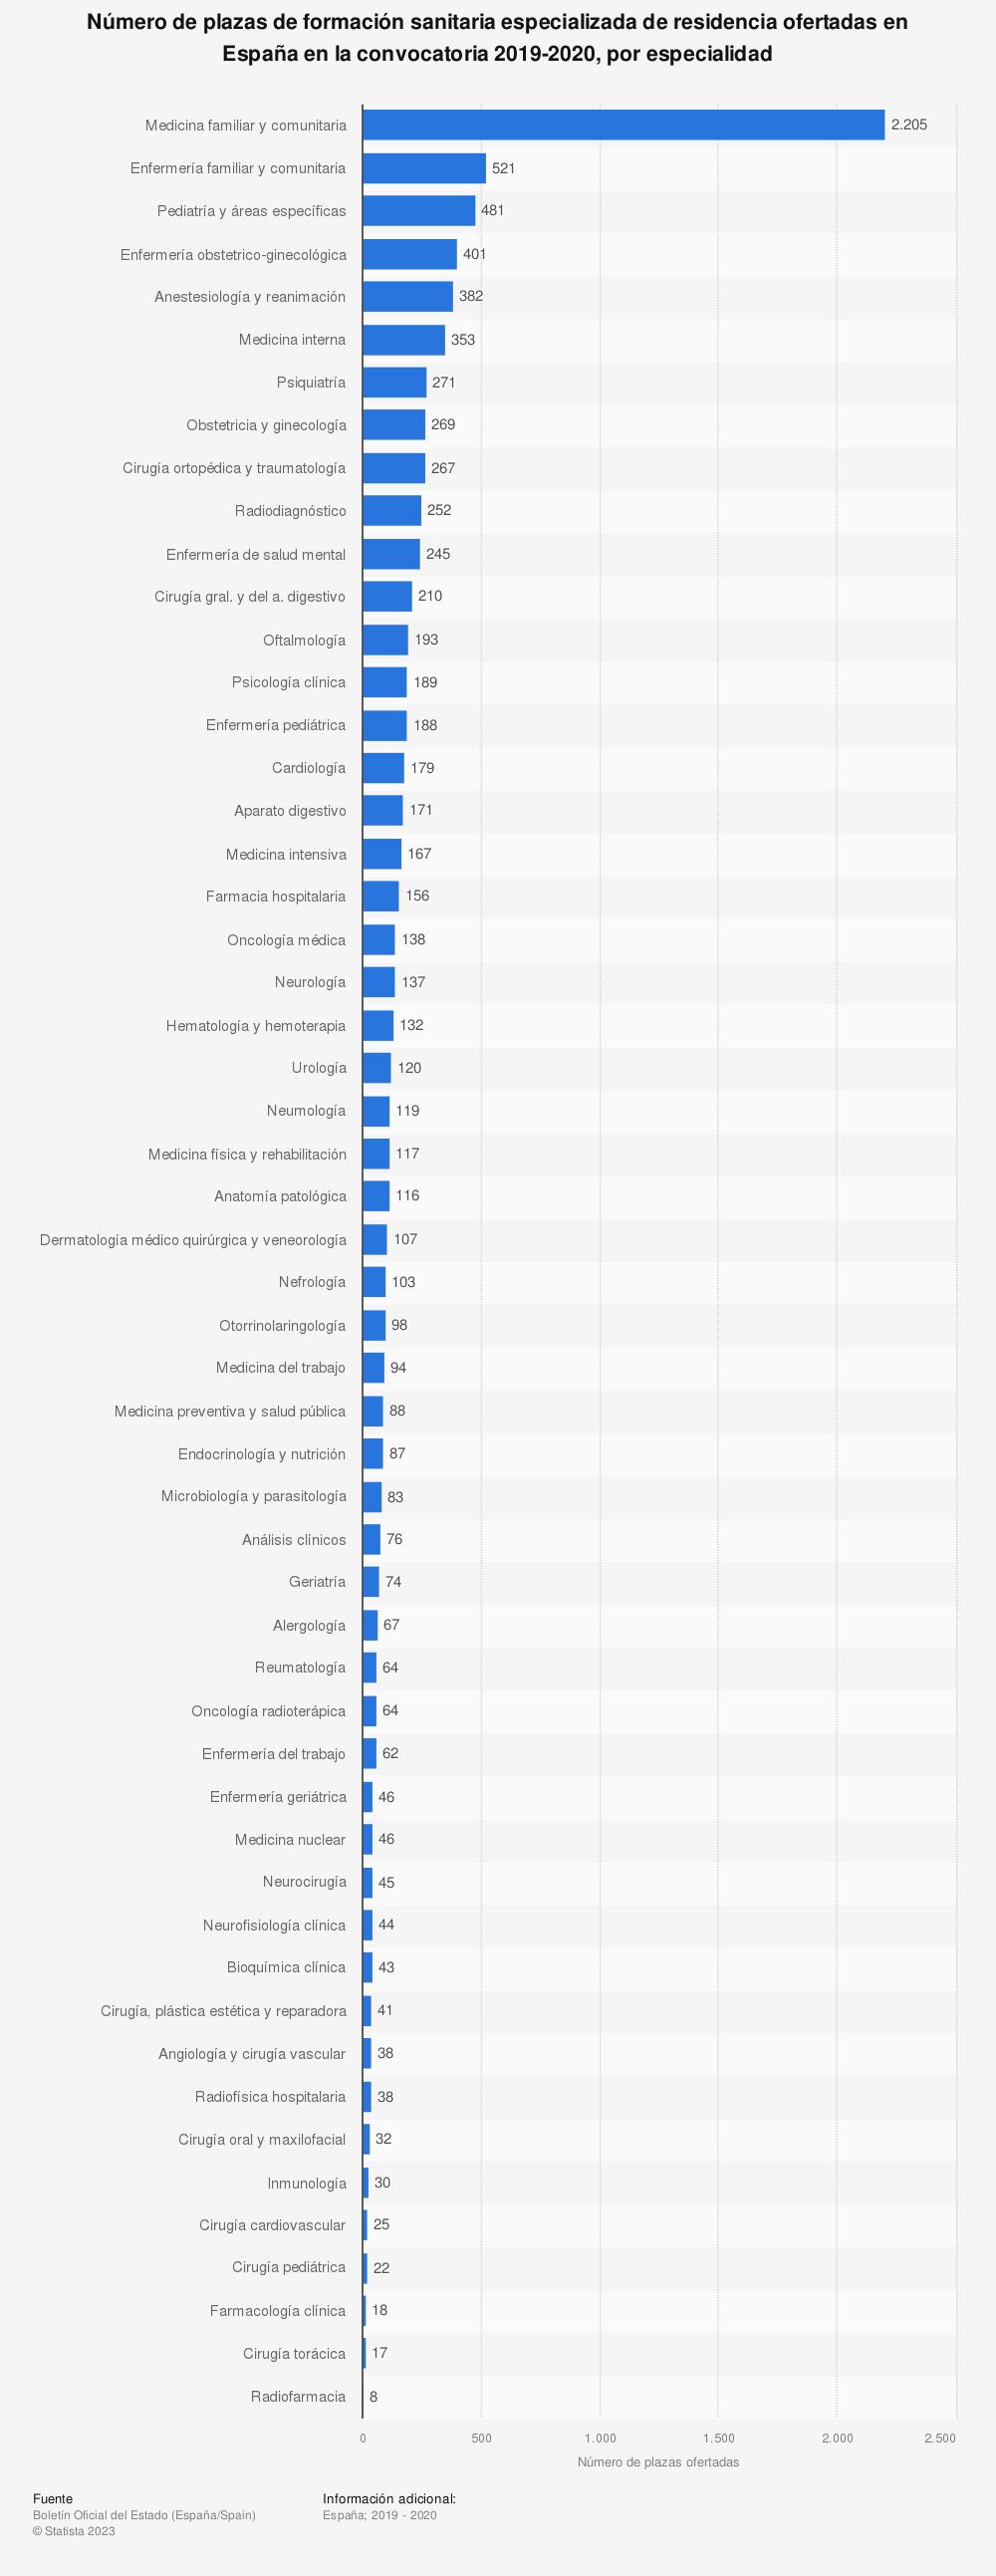 Estadística: Número de plazas de formación sanitaria especializada de residencia ofertadas en España en la convocatoria 2019-2020, por especialidad | Statista